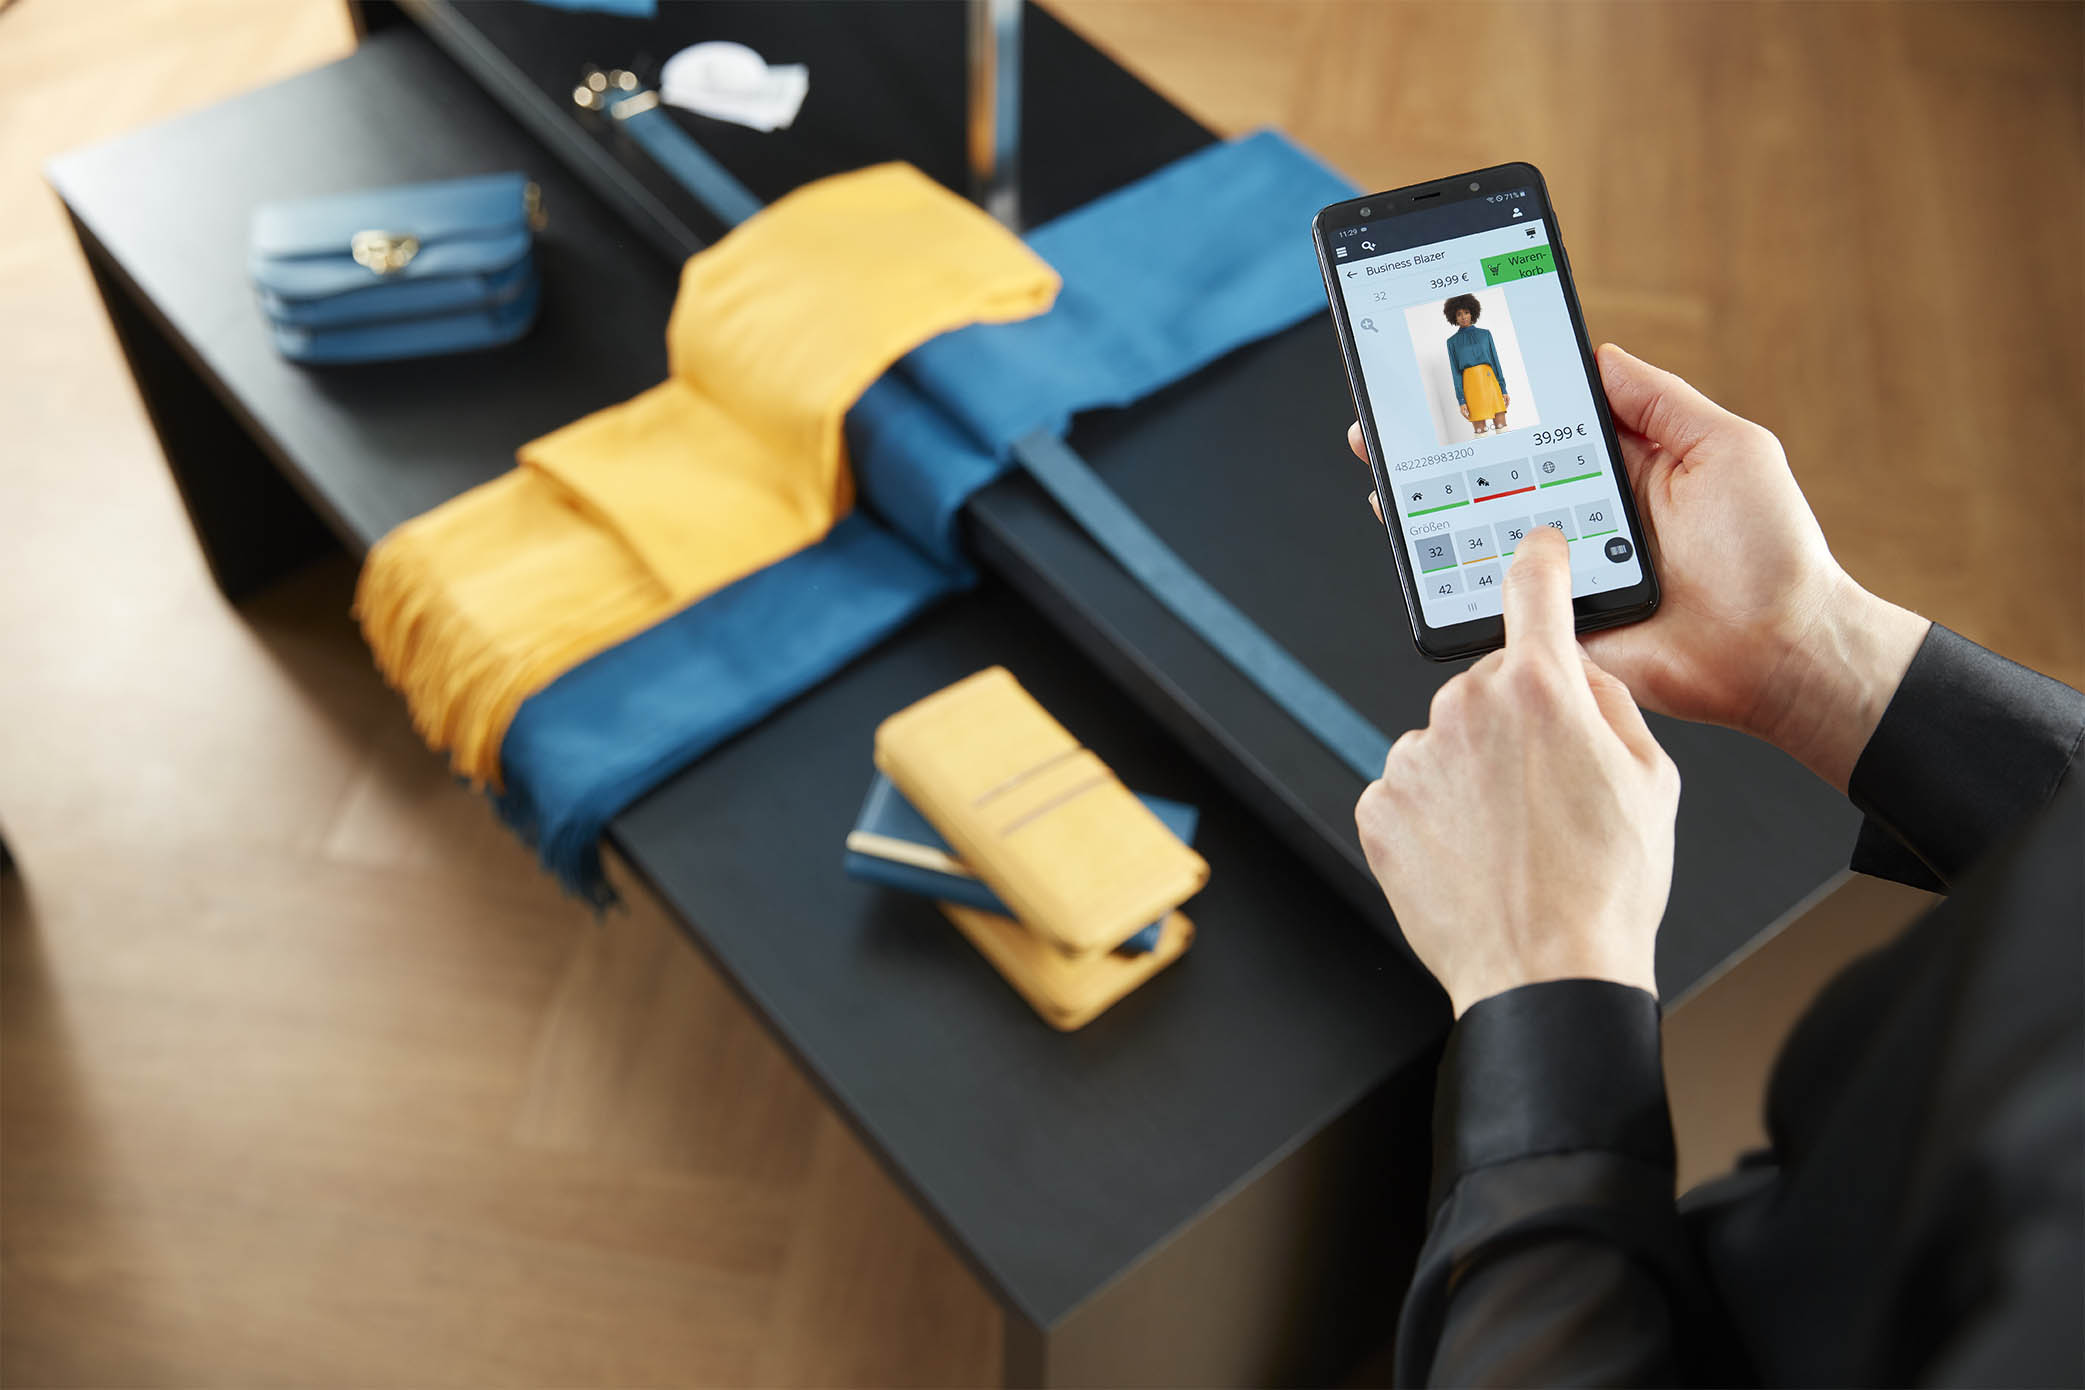 Detailansicht des InStore Assistants: Verkäuferin sieht in der Handy-App ein Outfit an und prüft die Bestände